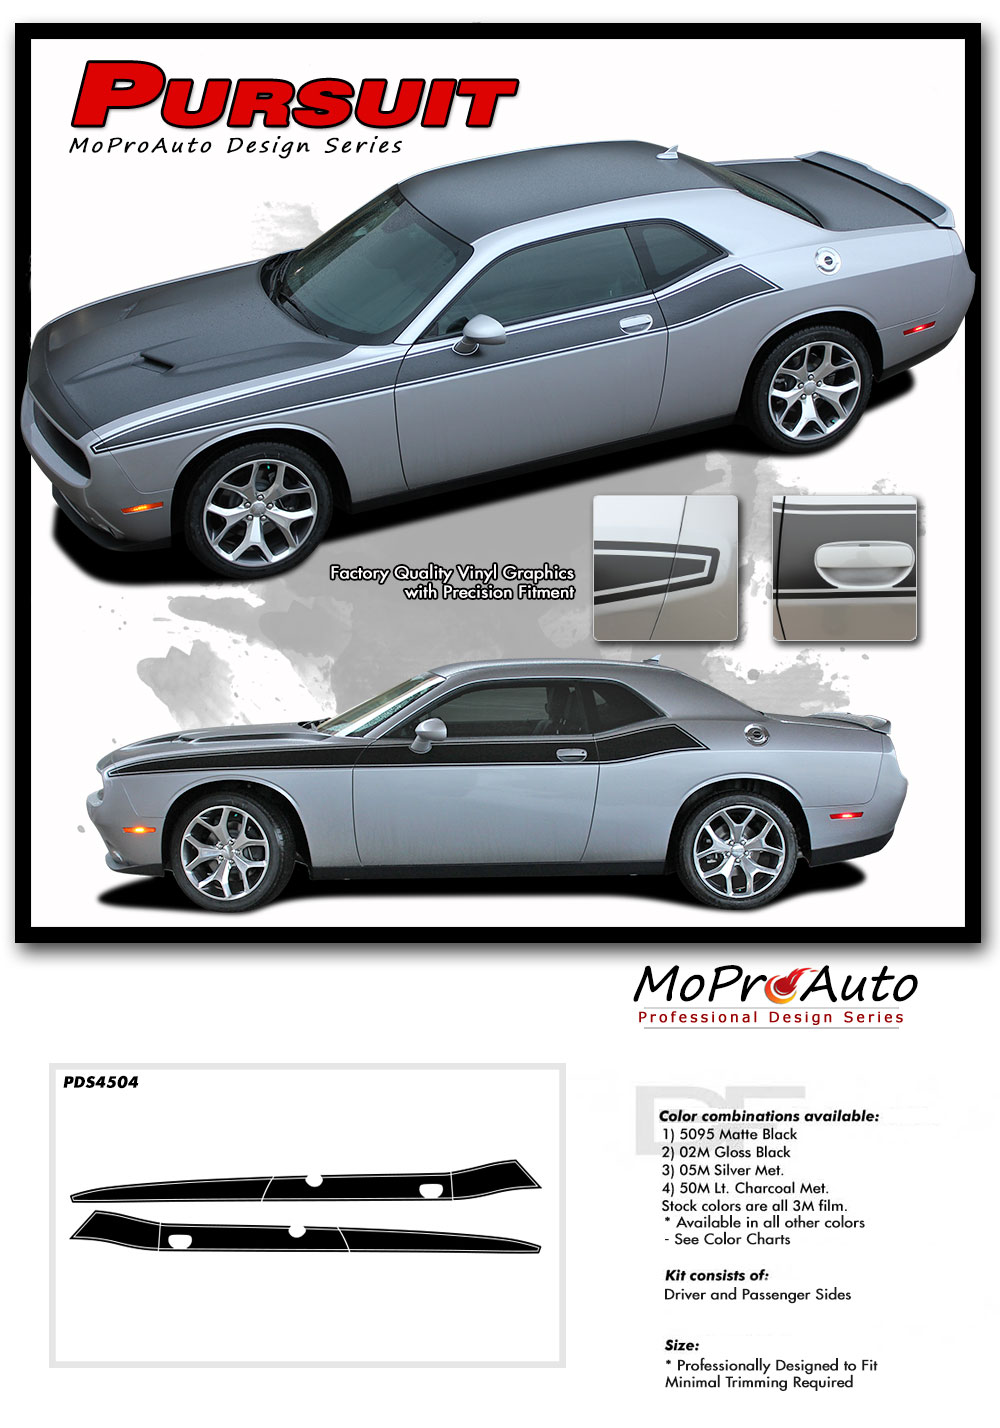 2011-2018 Dodge Challenger PURSUIT T/A 392 Side Stripes Decals Vinyl Graphics